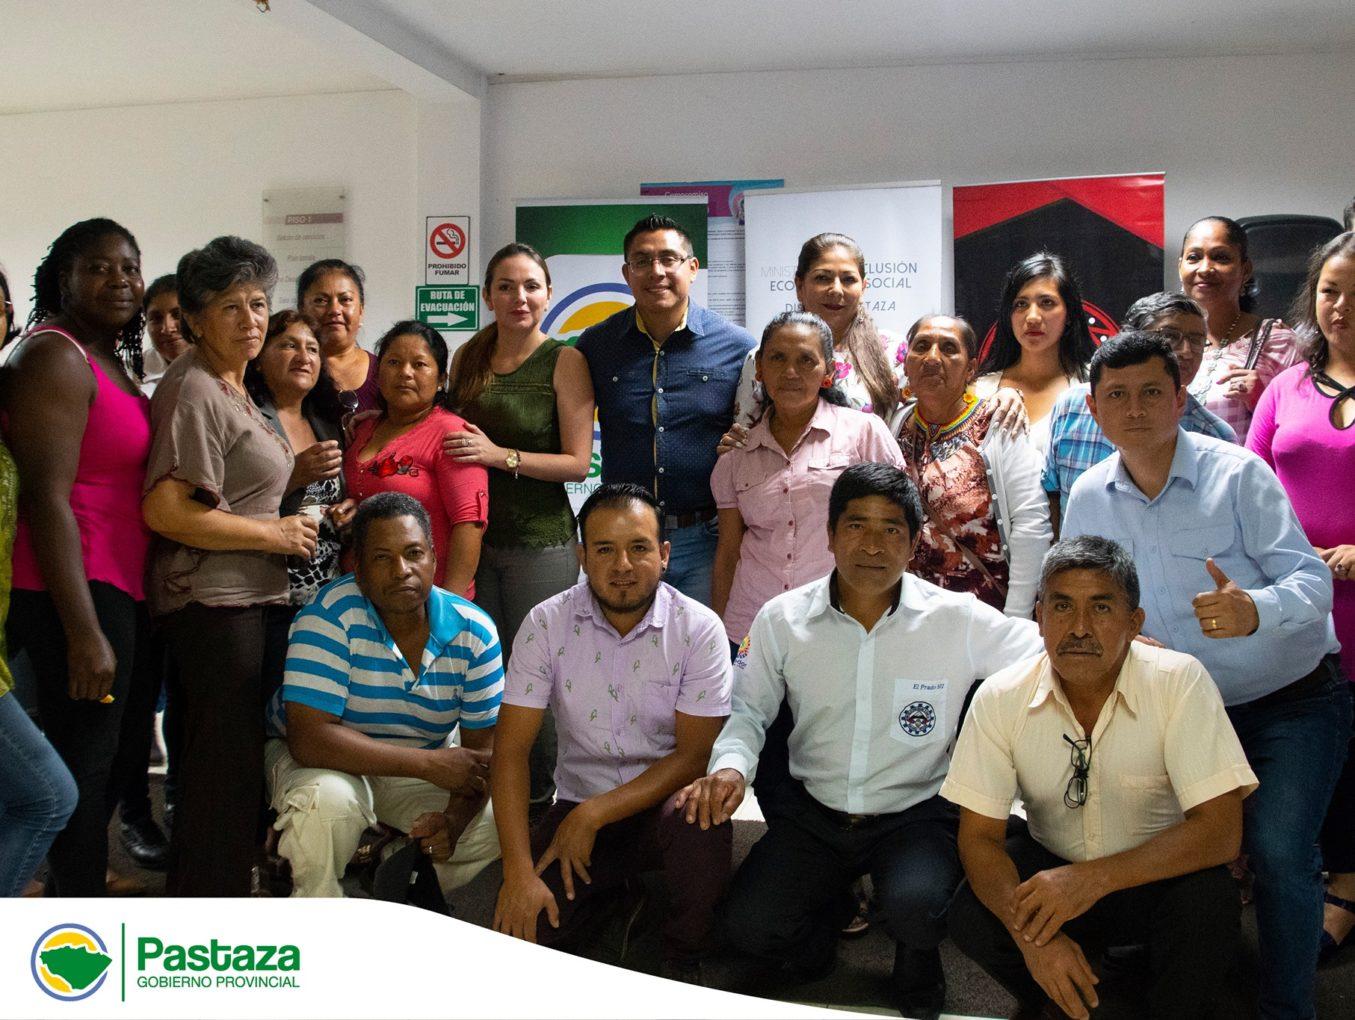 Emprendedores agradecen al Prefecto Jaime Guevara por el apoyo brindado en la Feria de la parroquia 10 de Agosto